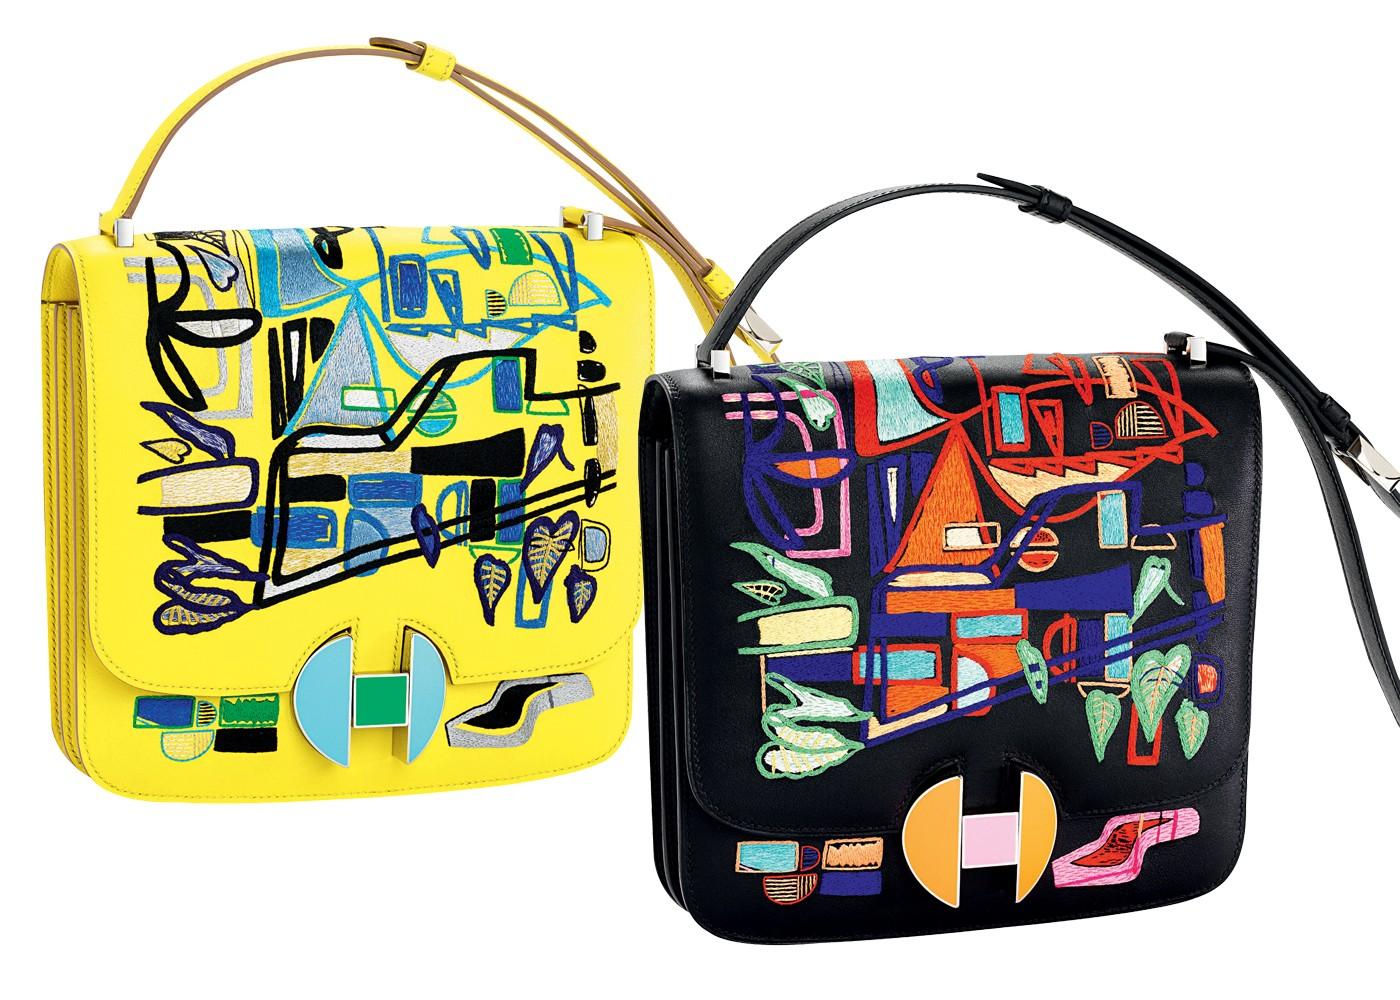 Bolsas 2002, da Hermès, com ilustração inspirada na arquitetura modernista brasileira, do carioca Filipe Jardim (Foto: Edward Hendricks/Divulgação)